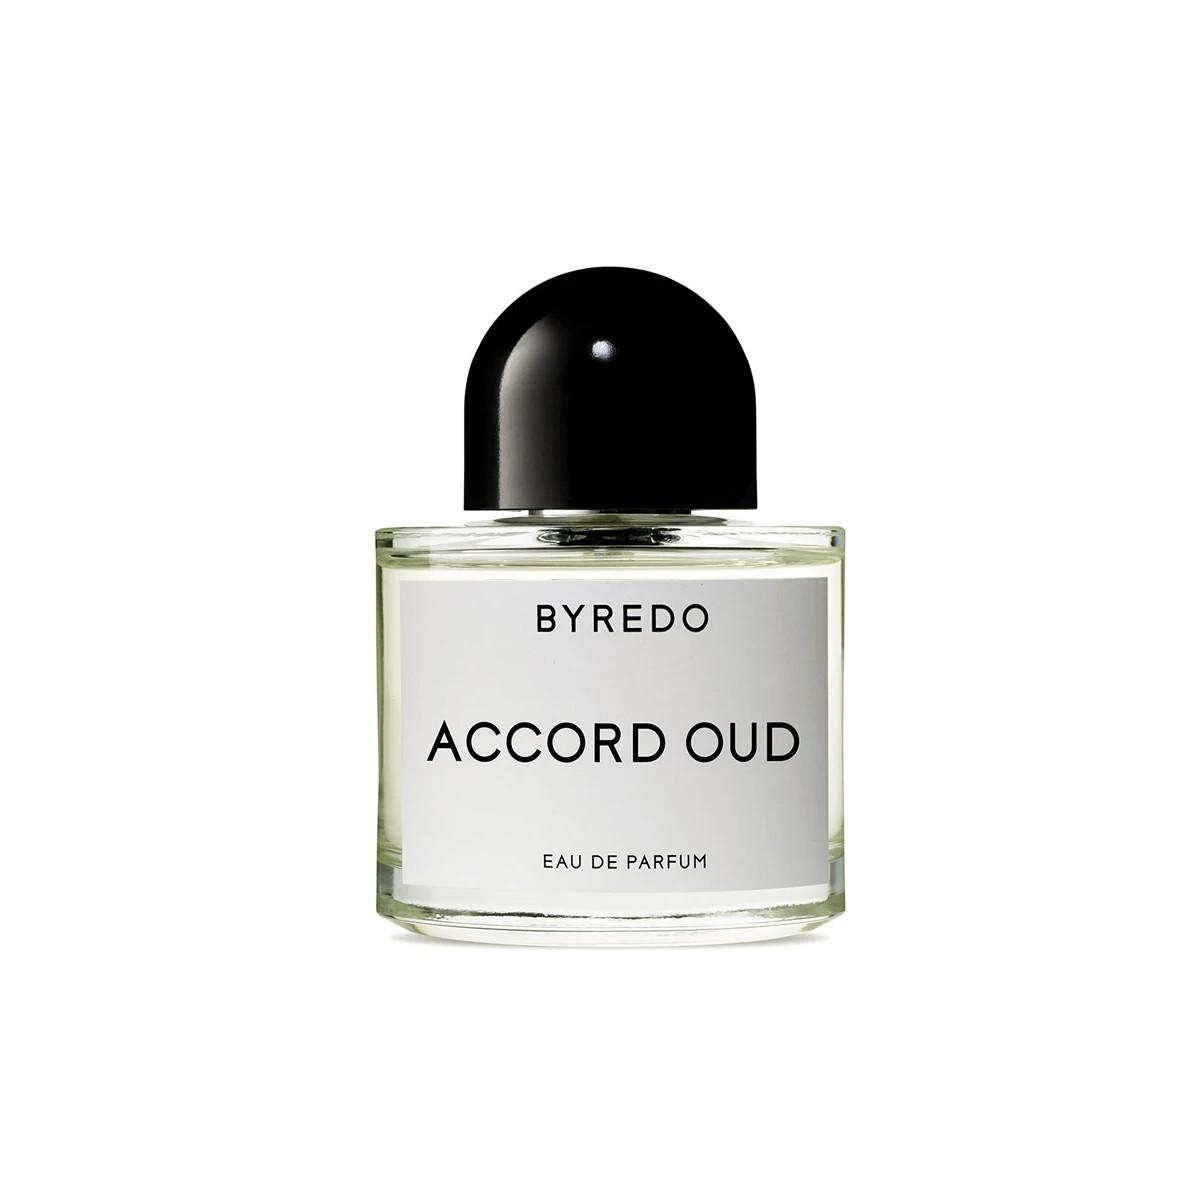 Byredo: Accord Oud